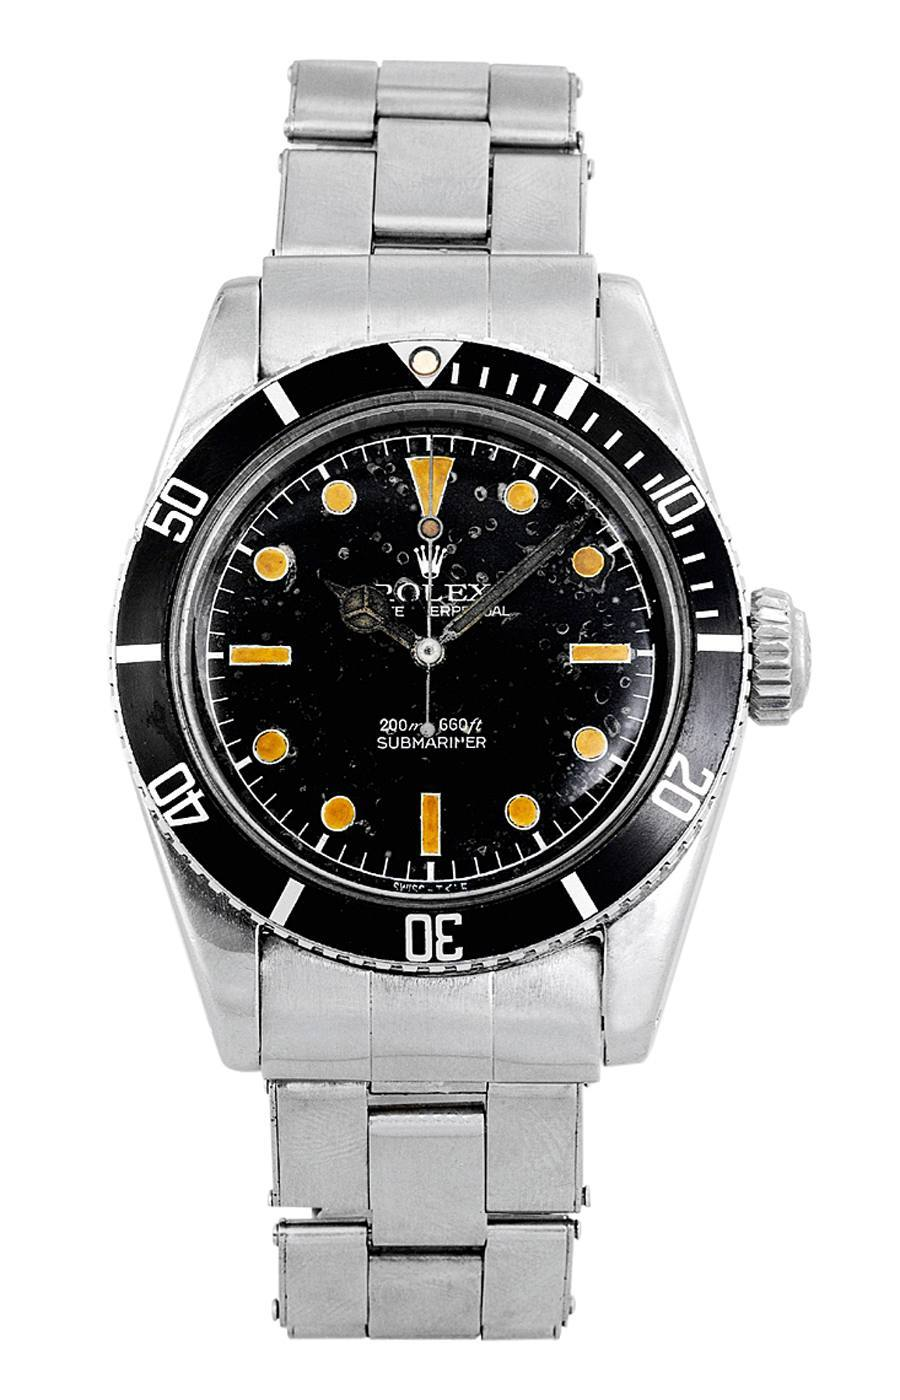 """Im ersten Kinofilm (1962) trug James Bond eine Rolex Submariner. Die Referenz 6538 wird deshalb bis heute """"James Bond Sub"""" genannt."""